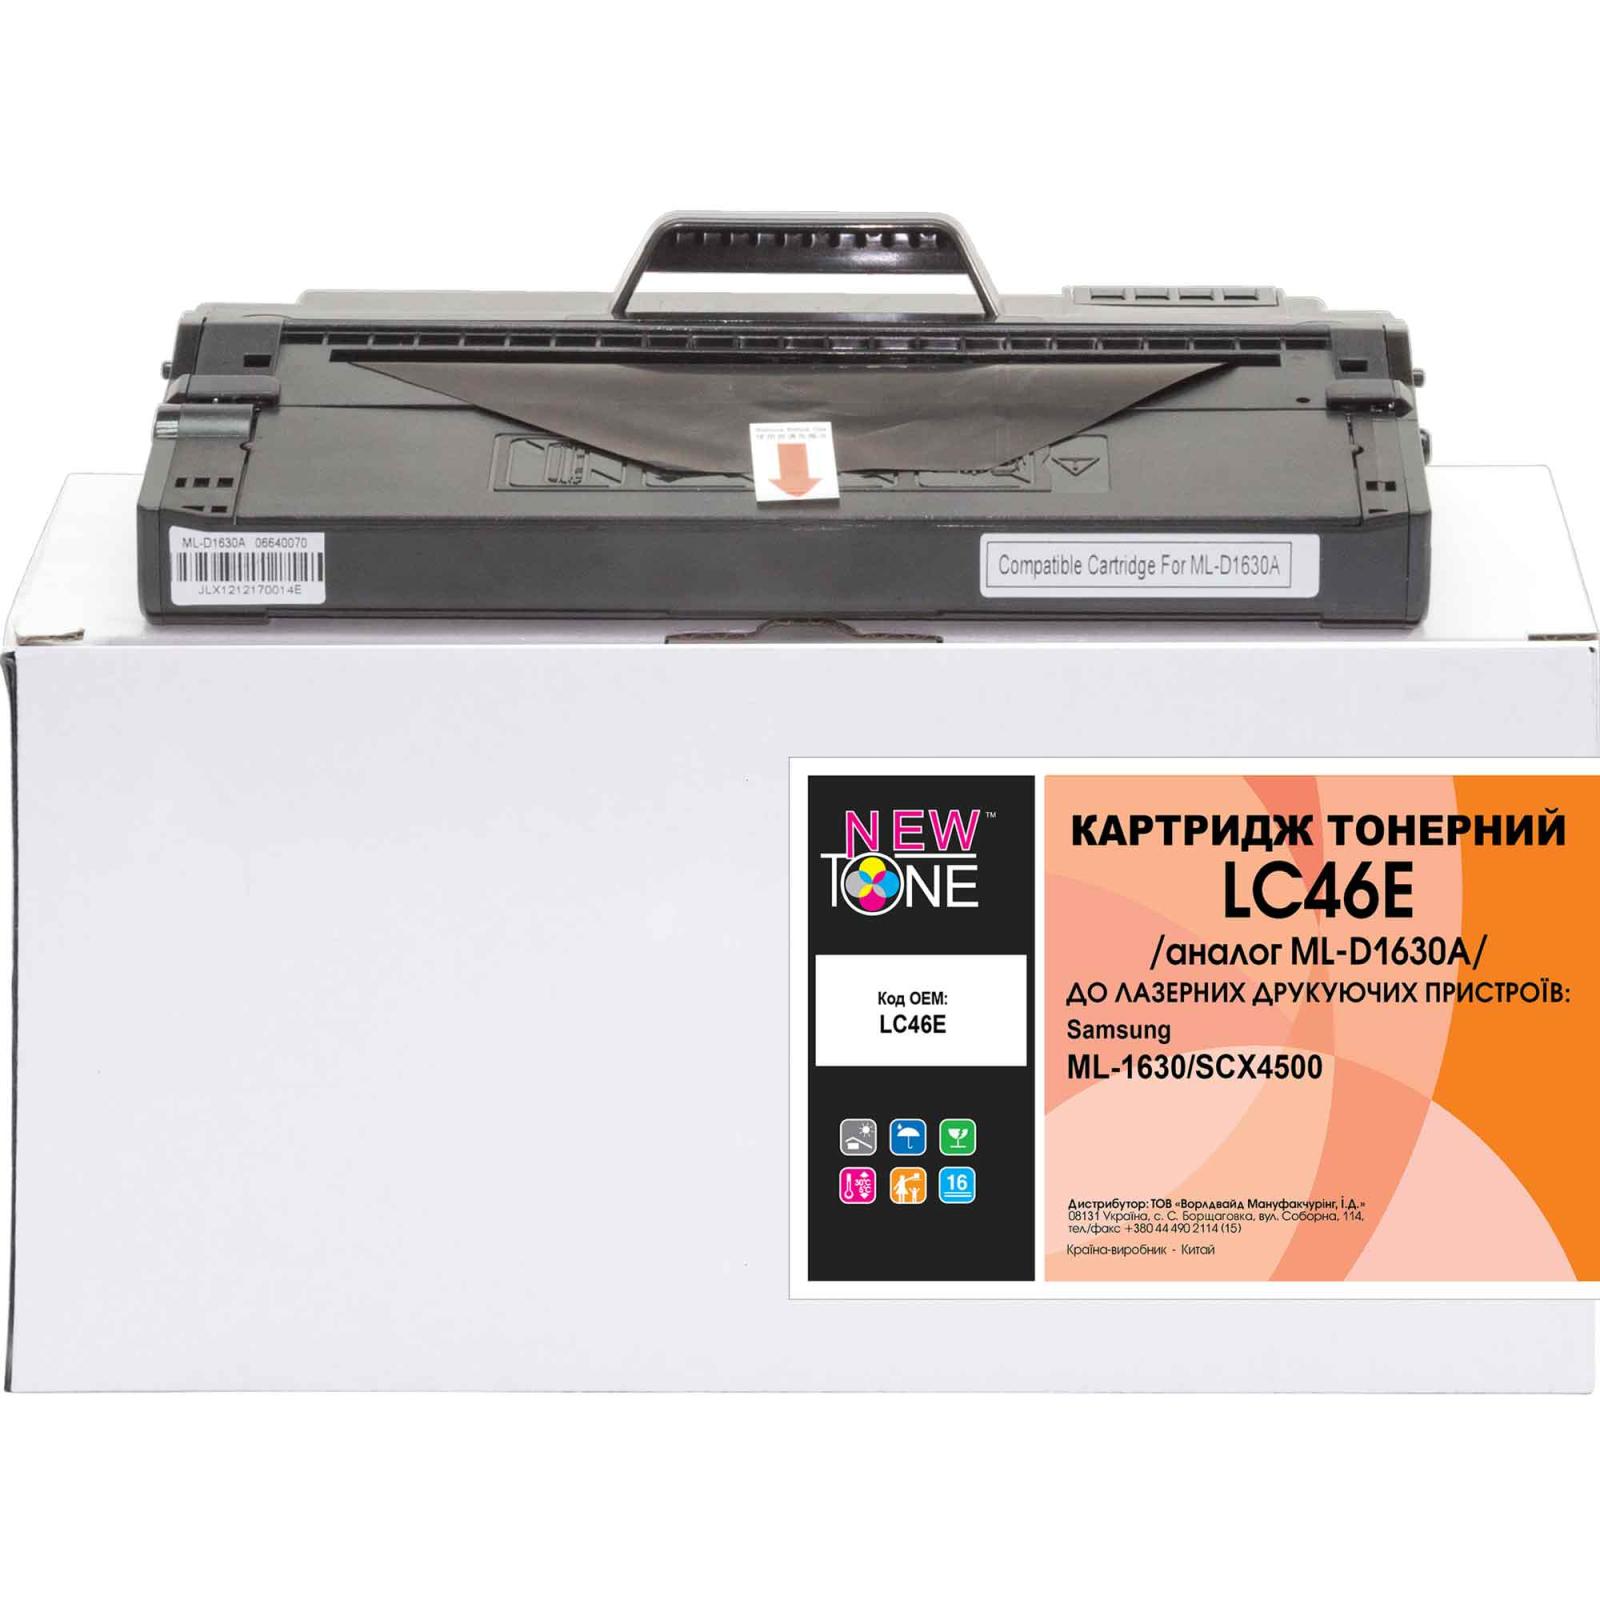 Картридж NewTone для Samsung ML-1630/SCX4500 (LC46E)